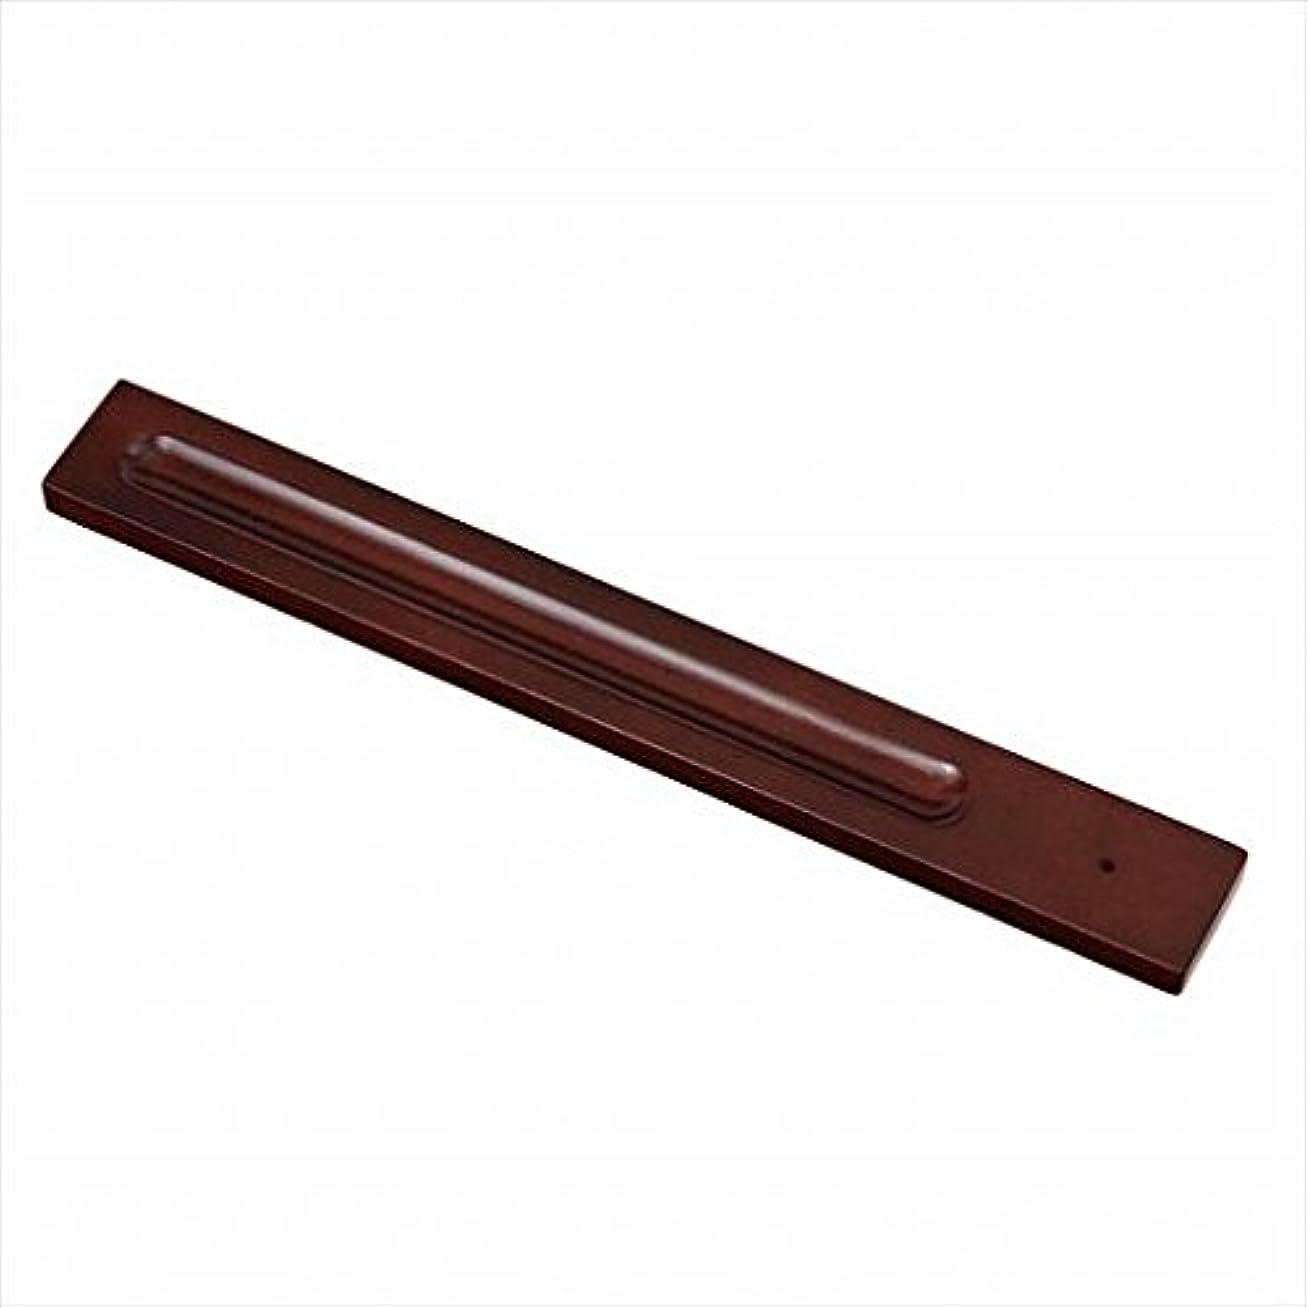 それにもかかわらず補う芝生kameyama candle(カメヤマキャンドル) バンブーインセンス用ホルダースクエア 「 ブラウン 」 キャンドル 30x246x9mm (E3130000BR)